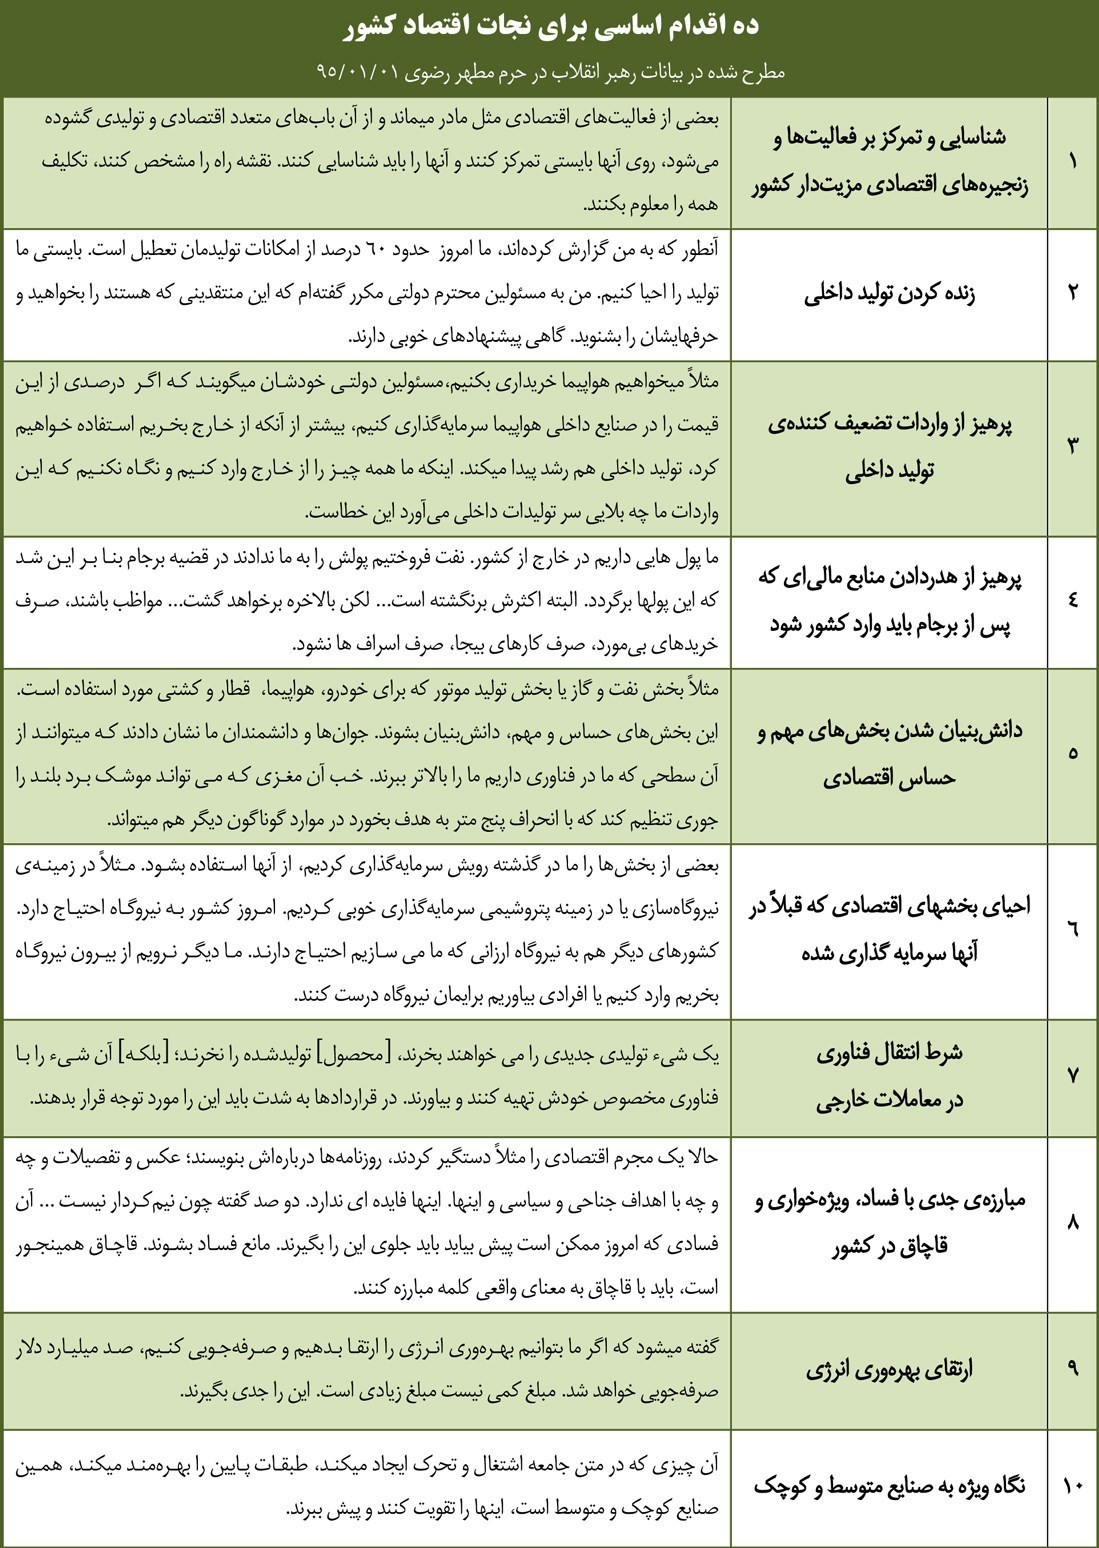 عدم انتشار گزارشی مبنی بر اجرای 10 فرمان اقدام و عمل